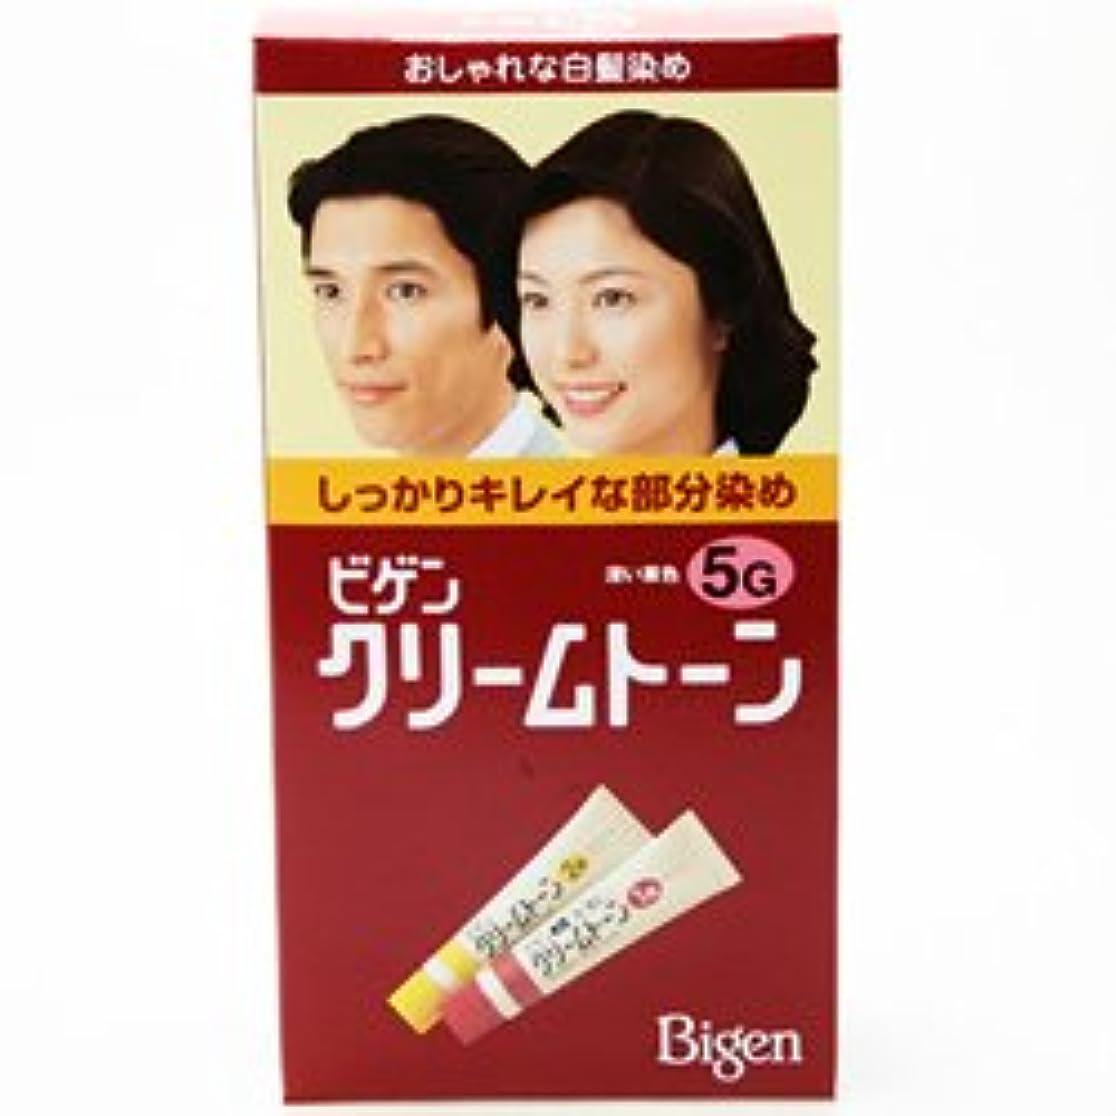 蒸グリル三十ビゲンクリームトーン 5G 深い栗色 (40g+40g)